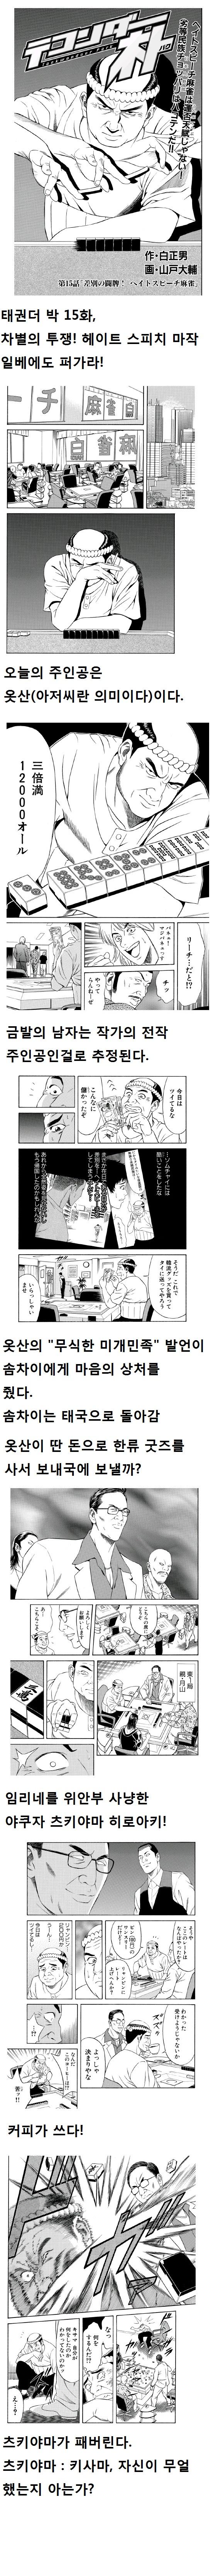 태권더 박 15화 감상